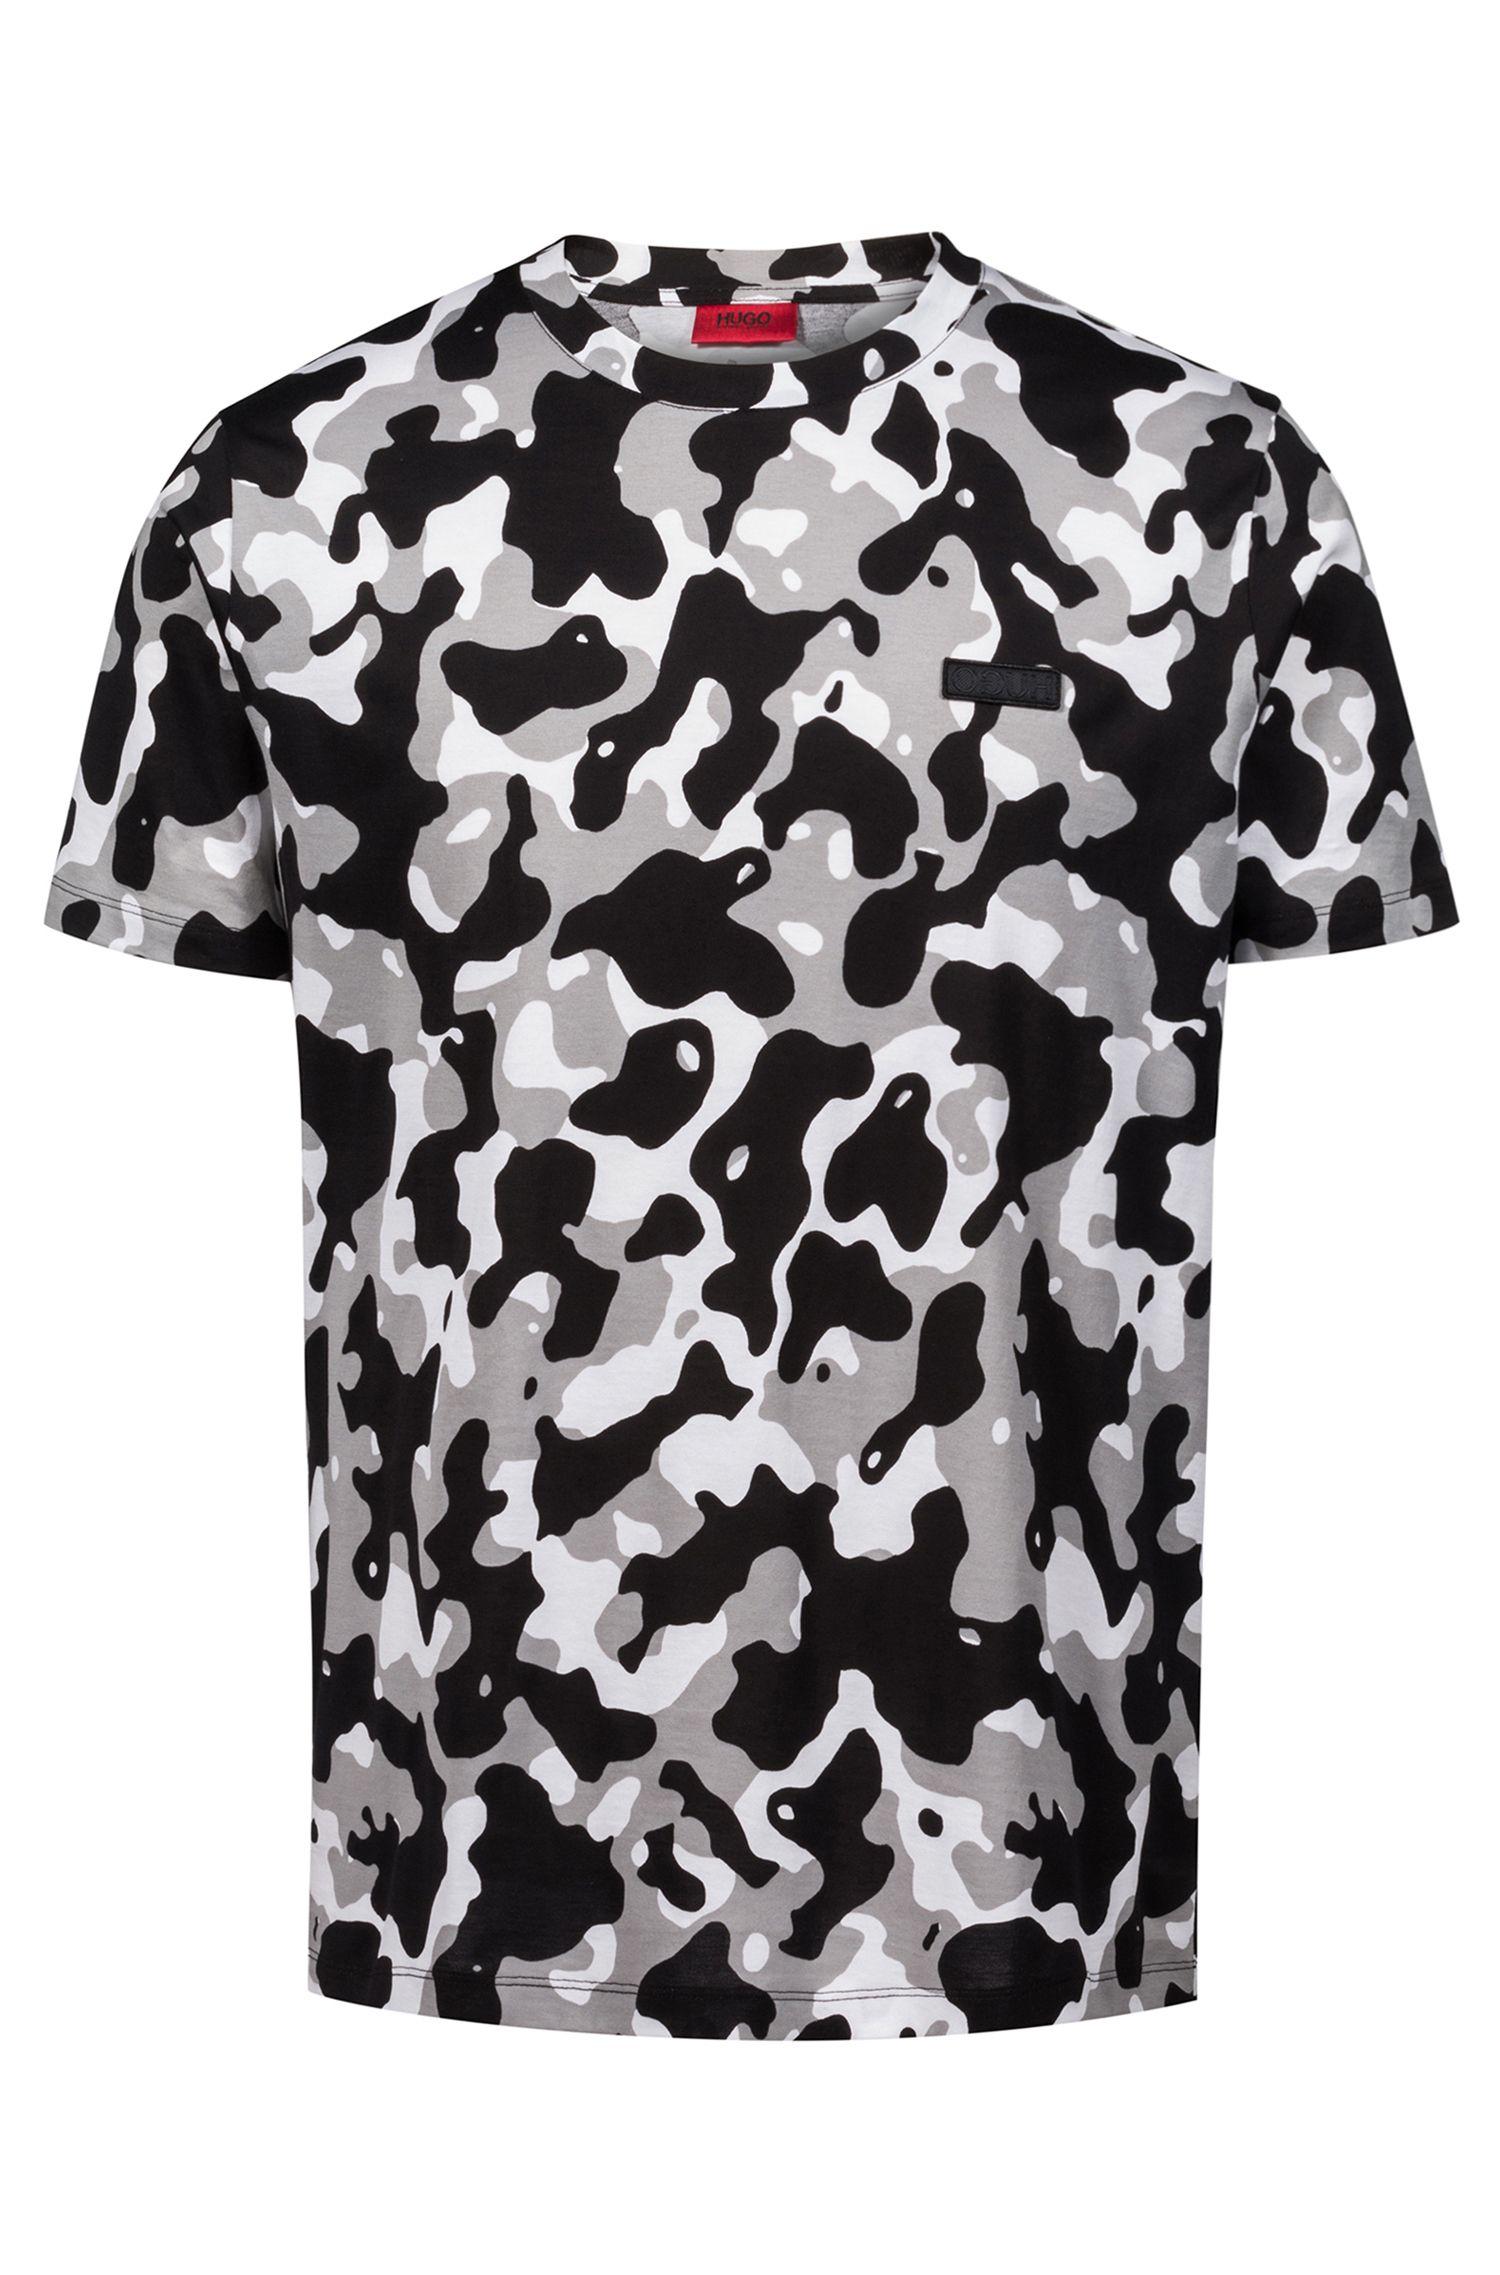 Camiseta relaxed fit en puro algodón con estampado de camuflaje, Fantasía